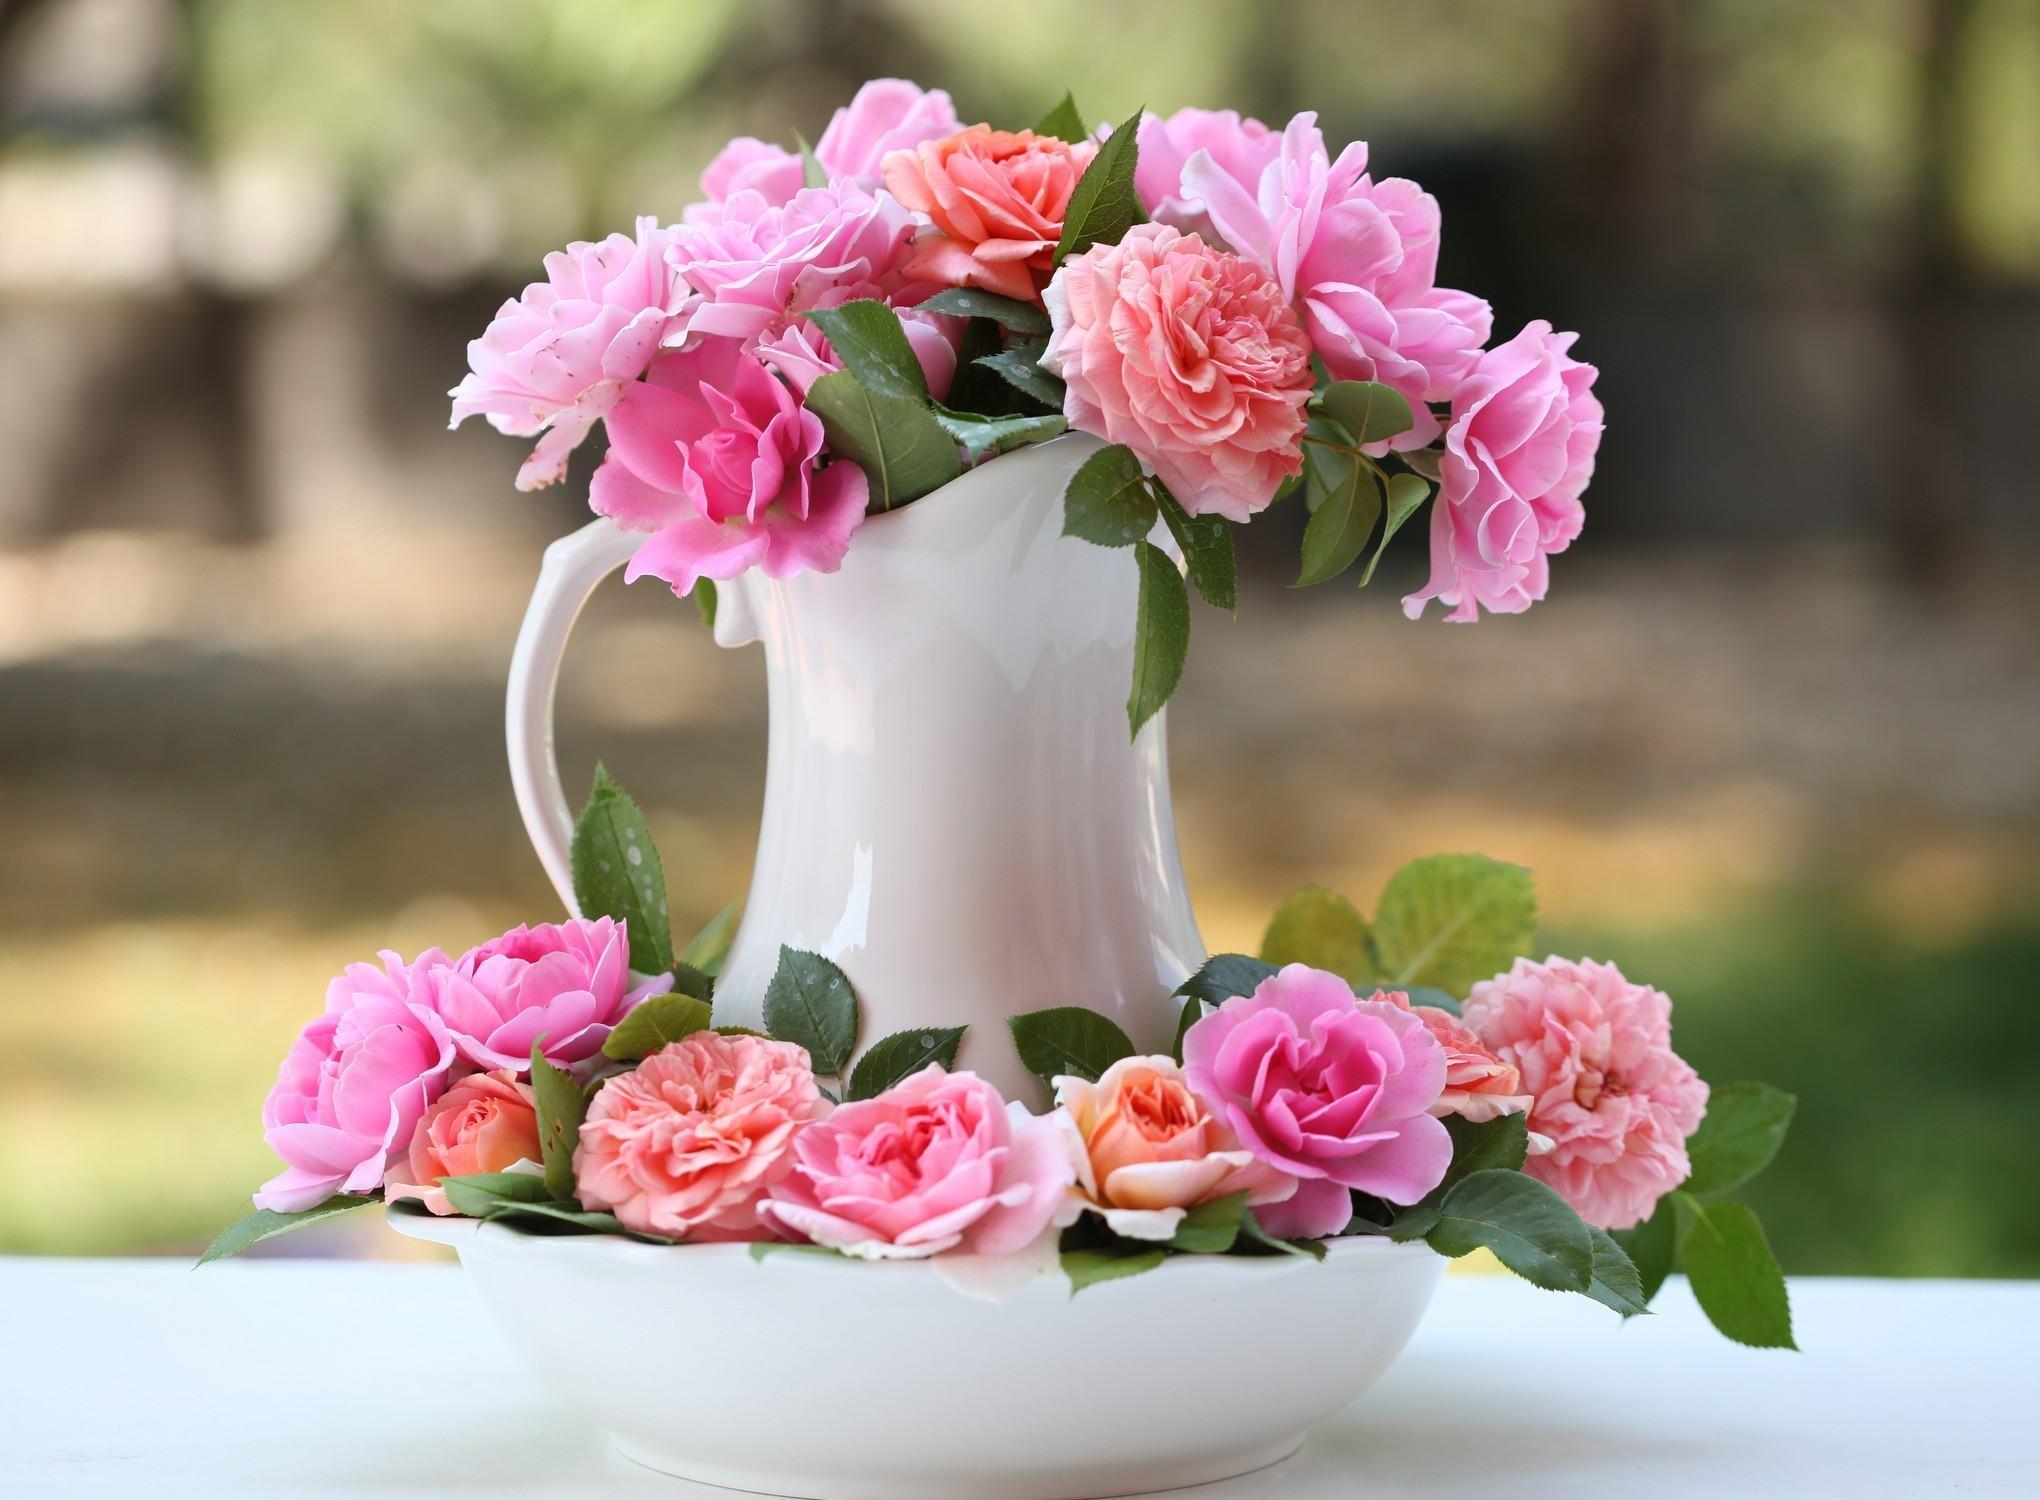 133578 descargar fondo de pantalla Roses, Flores, Ramo, Jarra, Jarro, Cogollos, Brotes: protectores de pantalla e imágenes gratis